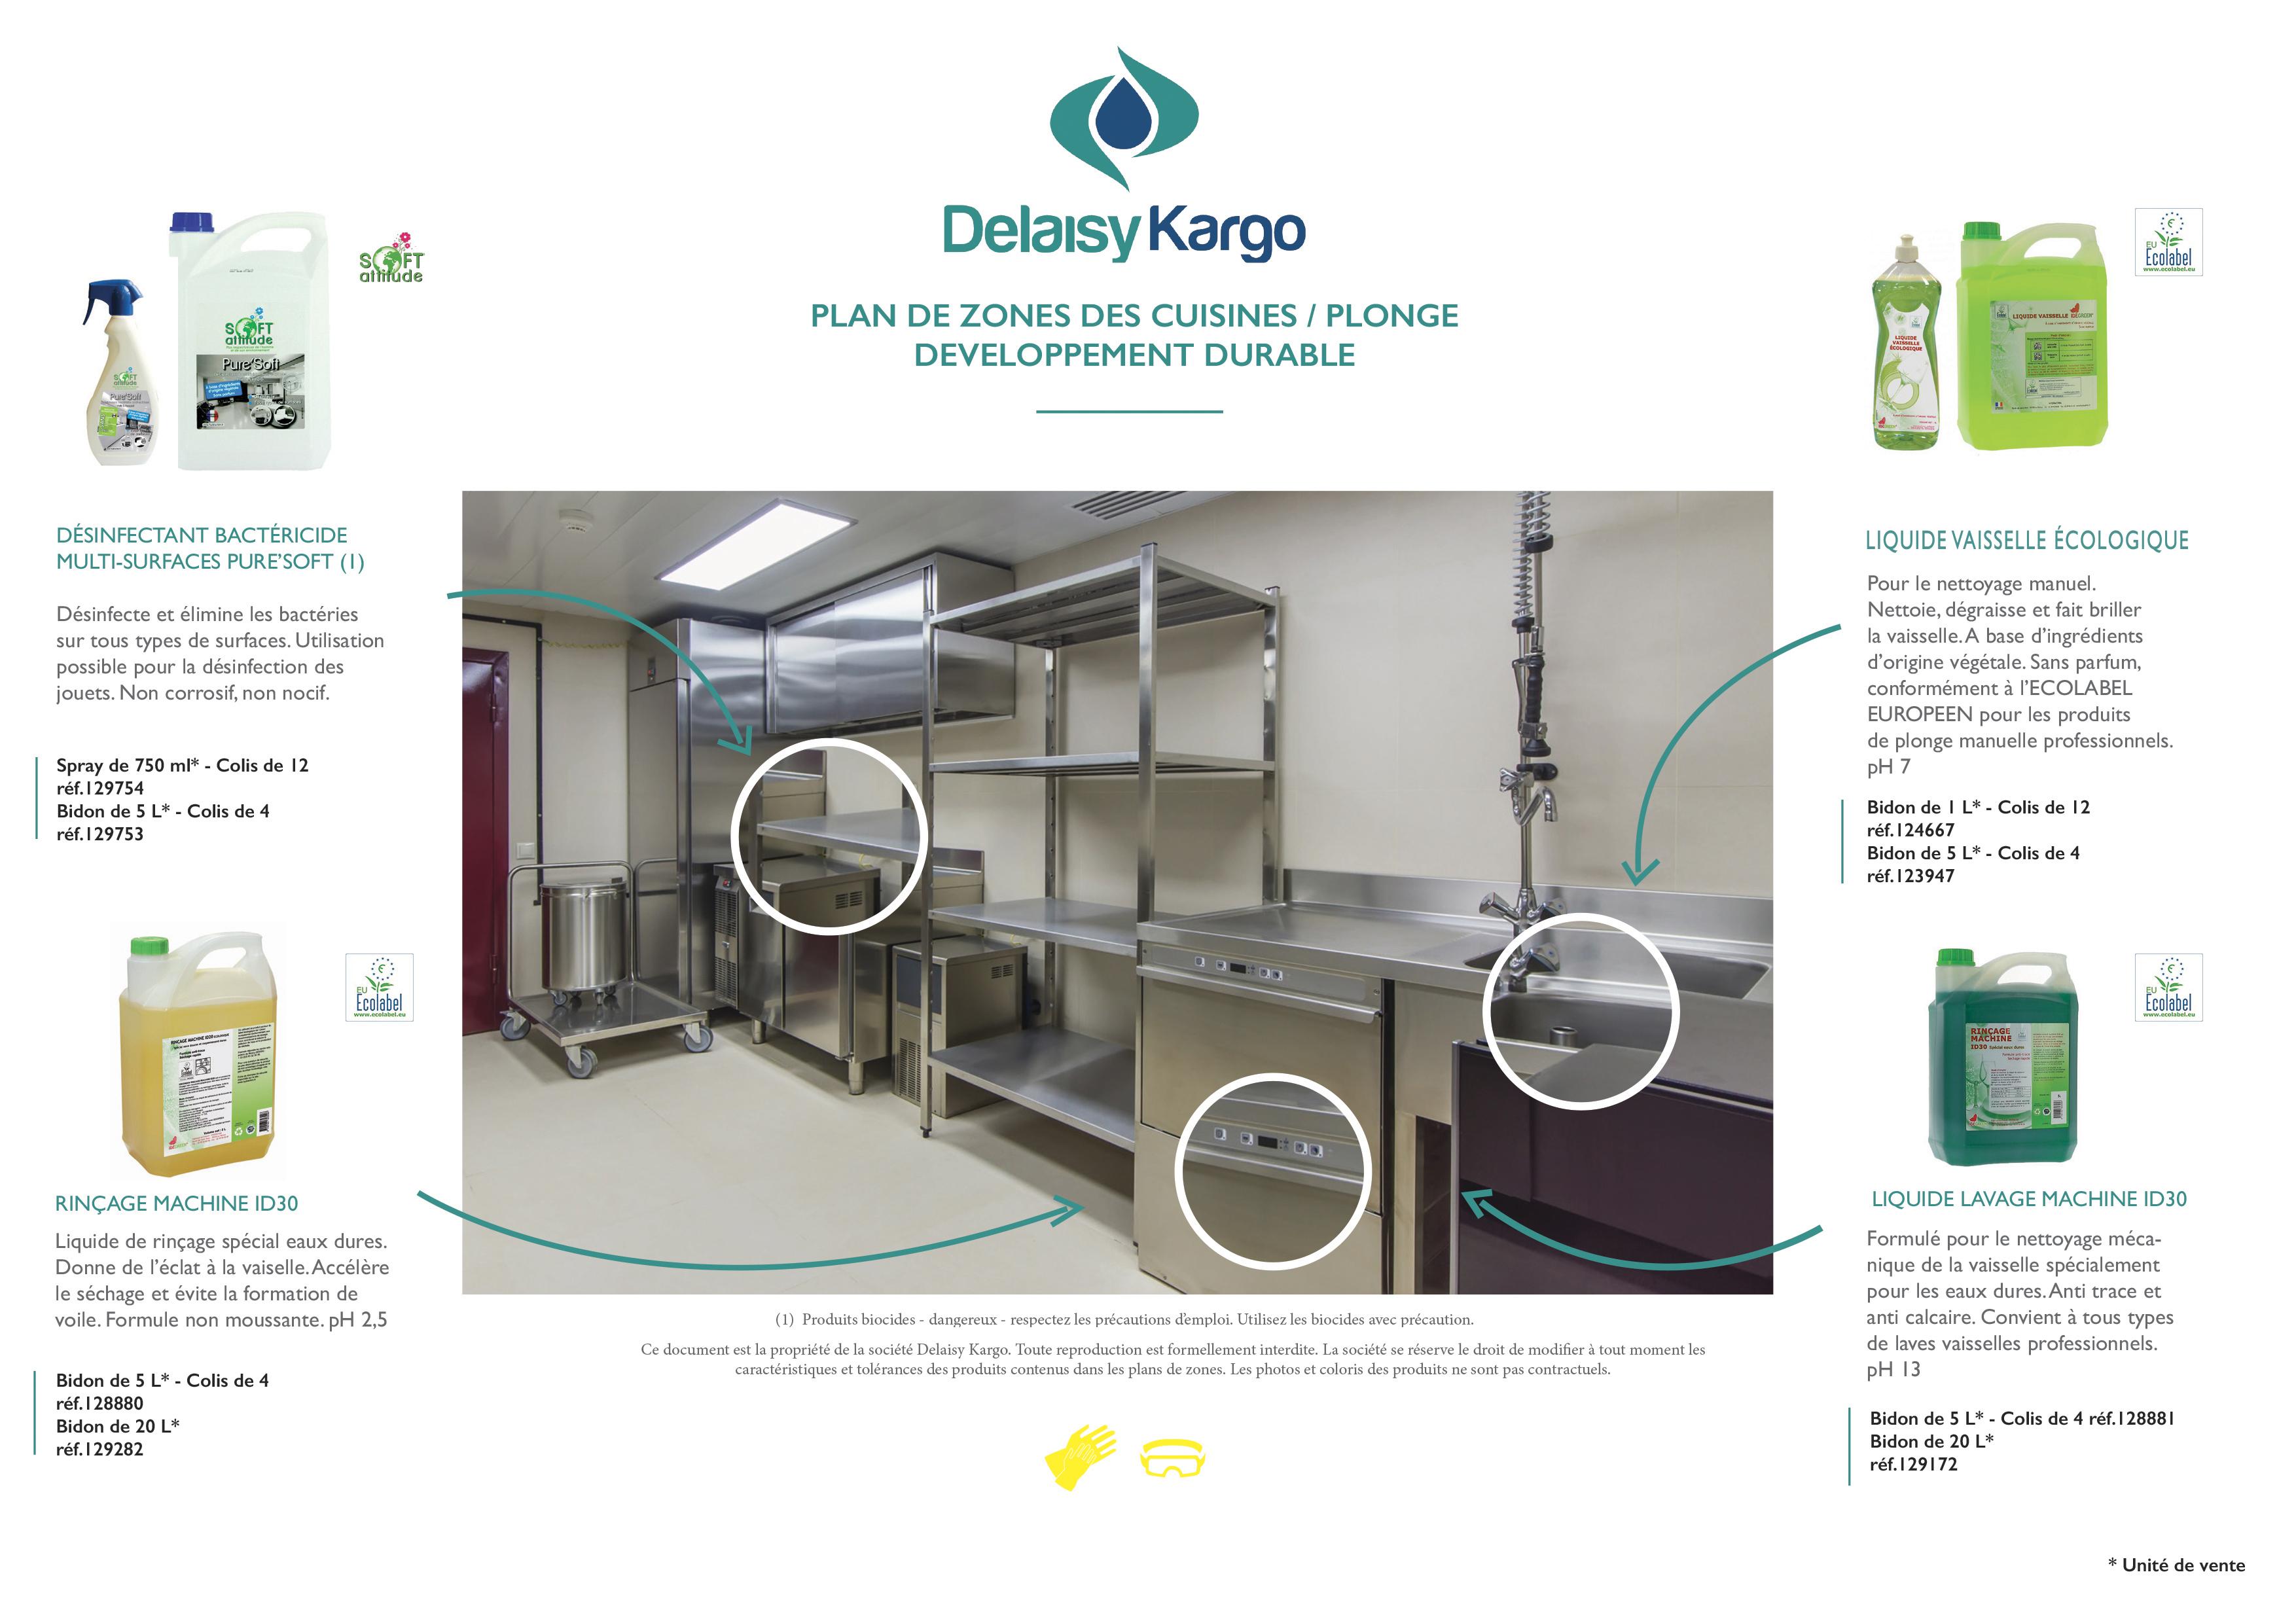 plan de zones des cuisines / plonge-developpement durable